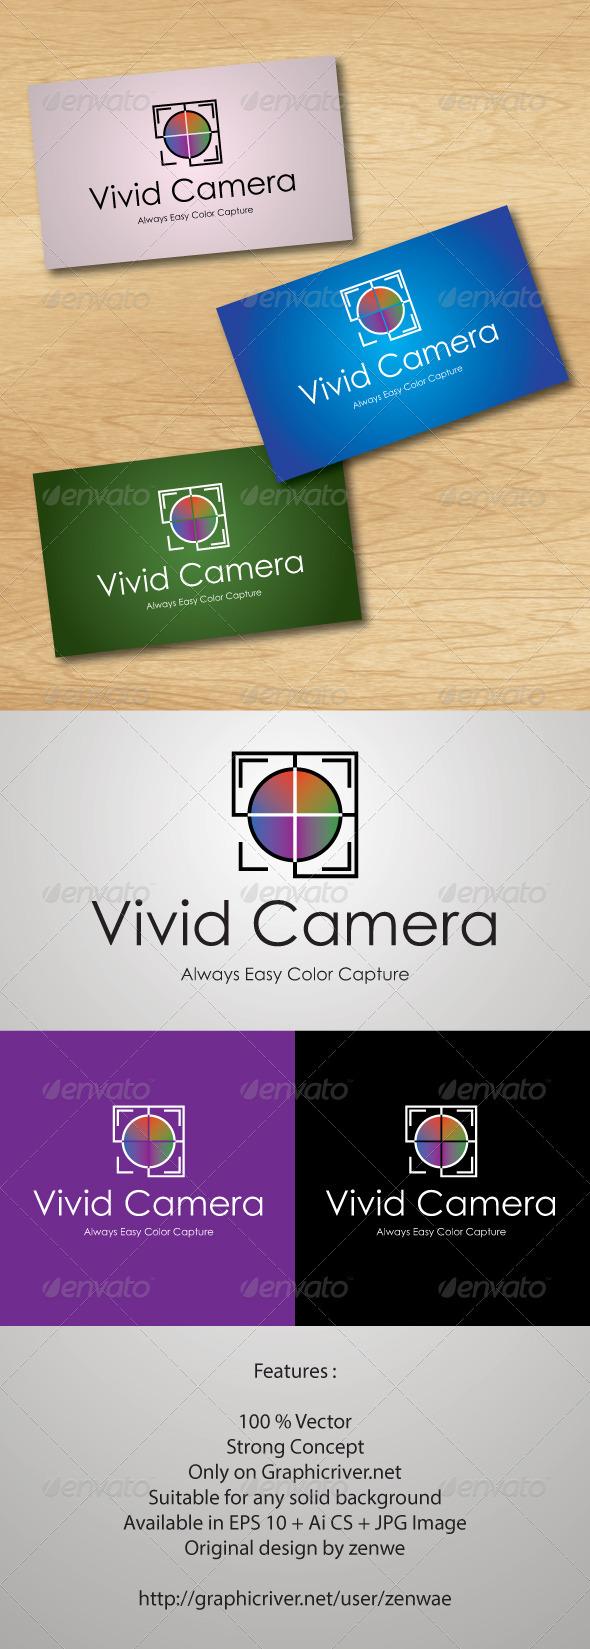 GraphicRiver Vivid Camera Logo 2694485